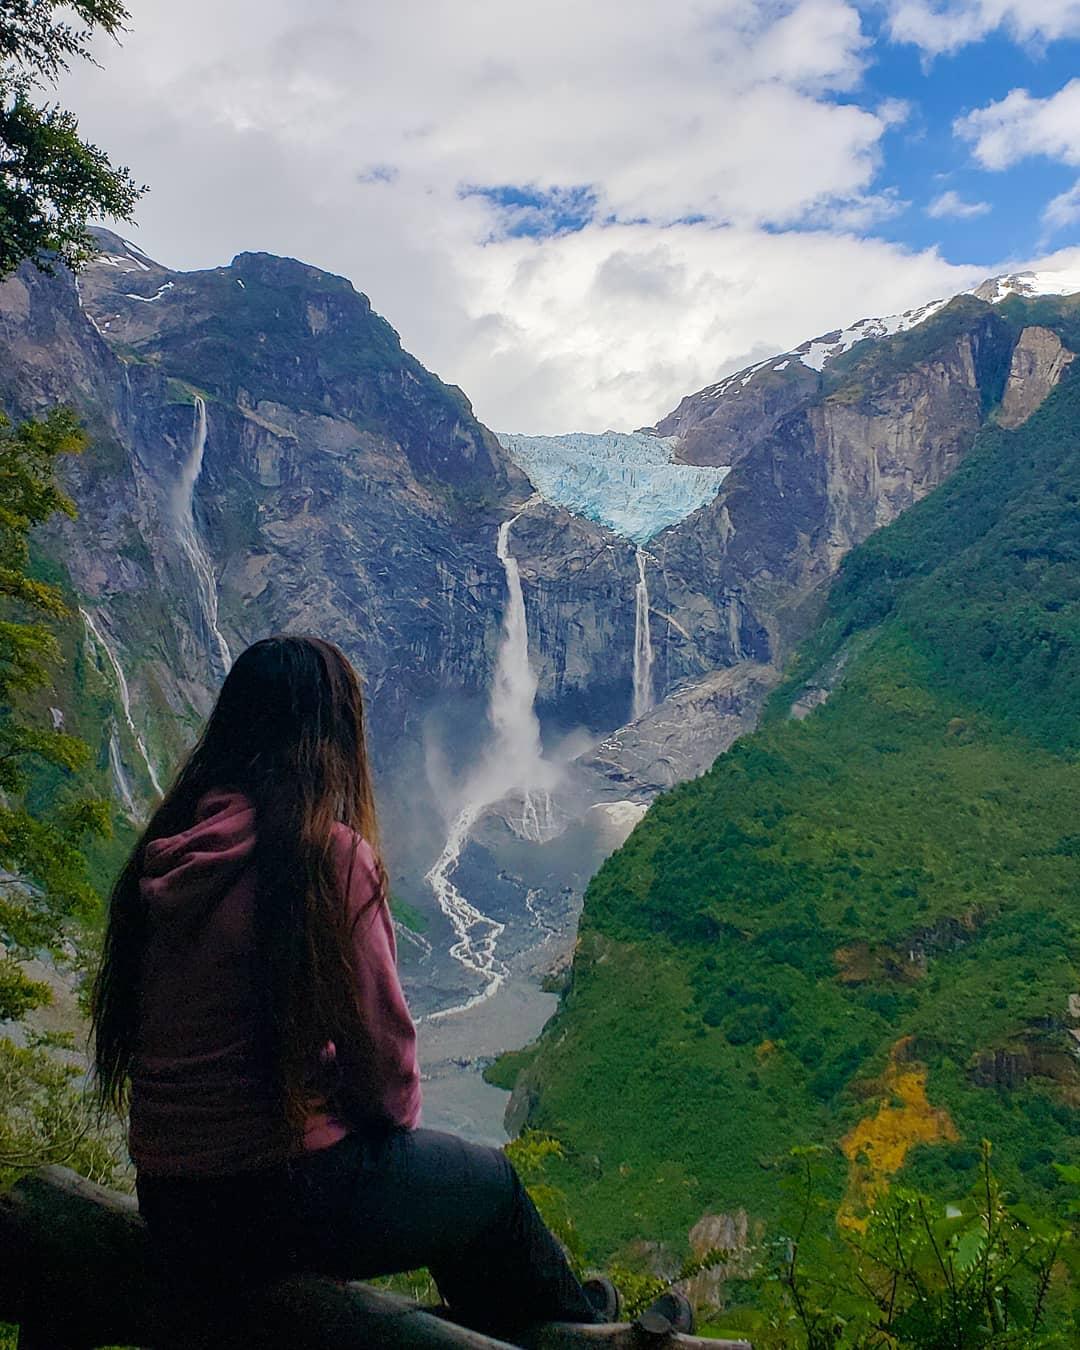 Mujer contemplando Ventisquero El Colgante, sur de Chile